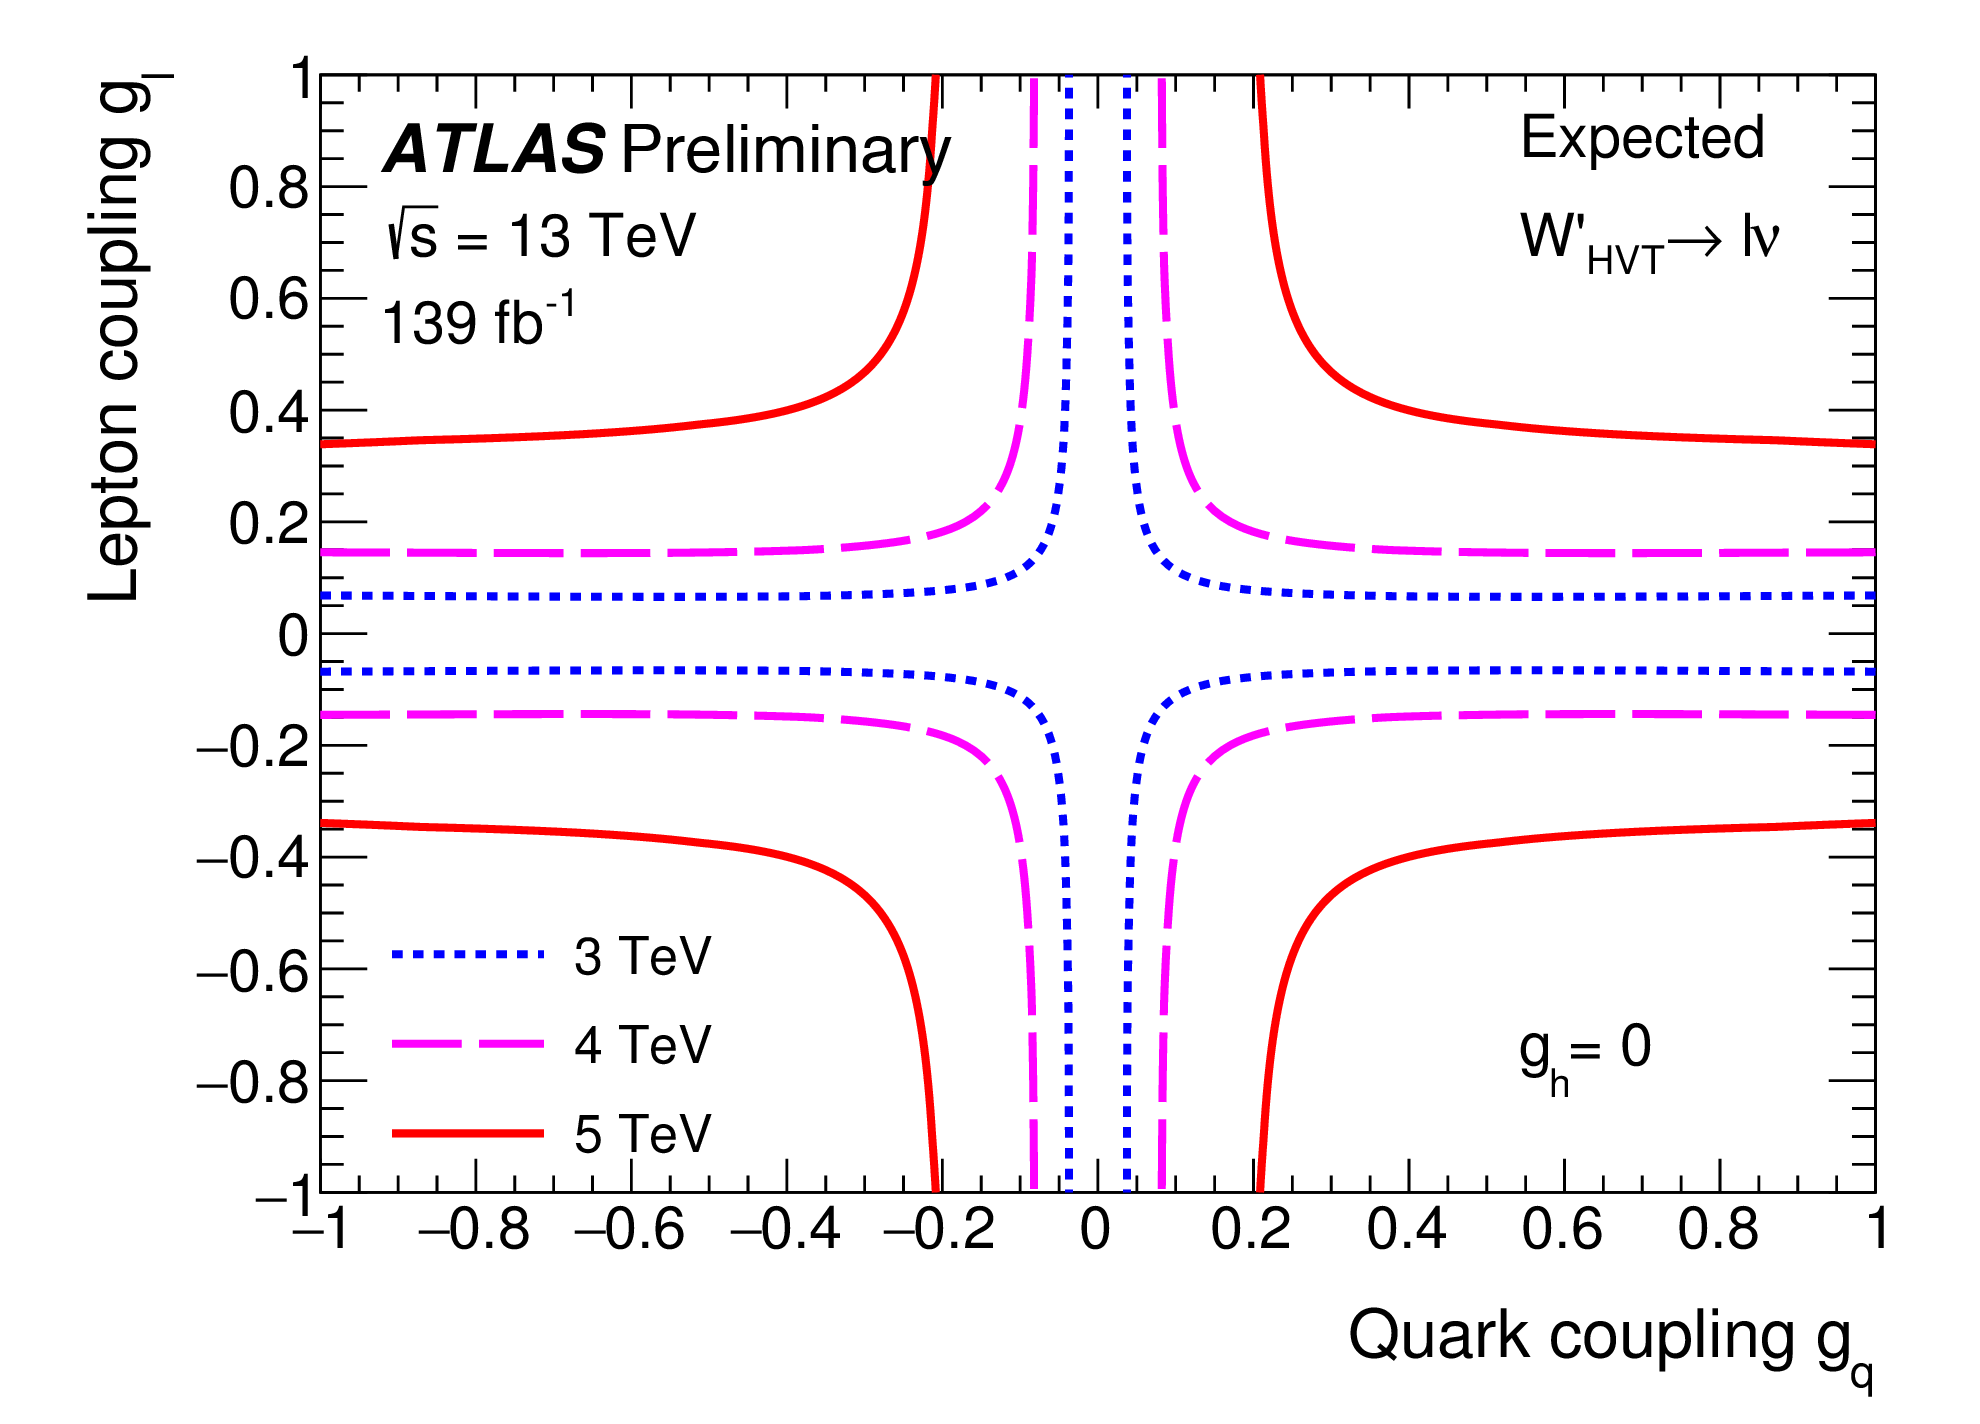 https://atlas.web.cern.ch/Atlas/GROUPS/PHYSICS/CombinedSummaryPlots/EXOTICS/ATLAS_HVT_lv_Summary_gl_gq_exp/ATLAS_HVT_lv_Summary_gl_gq_exp.png